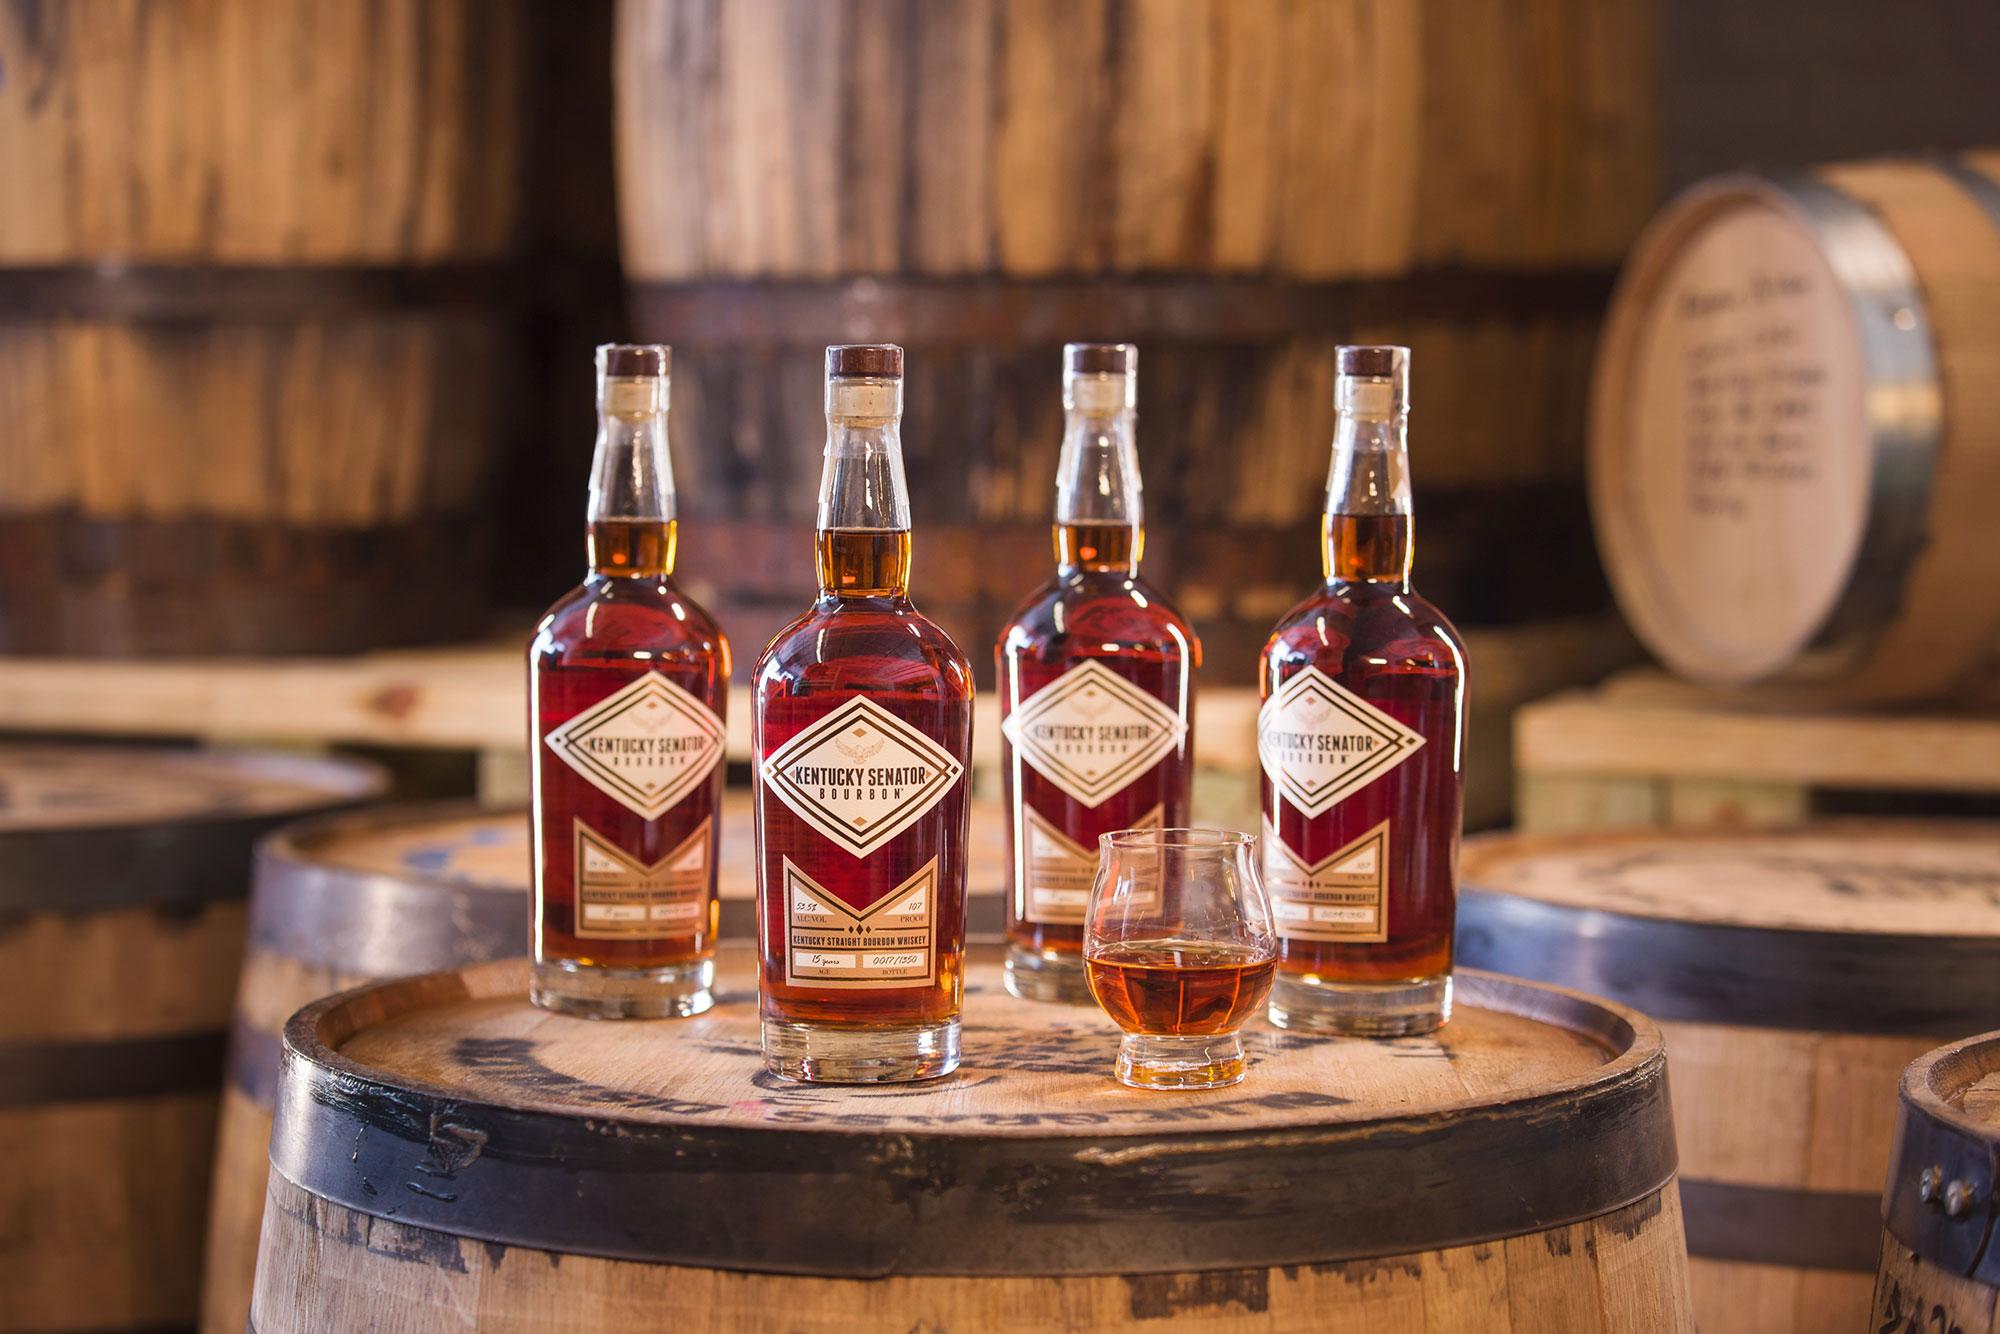 Kentucky Senator Bourbon